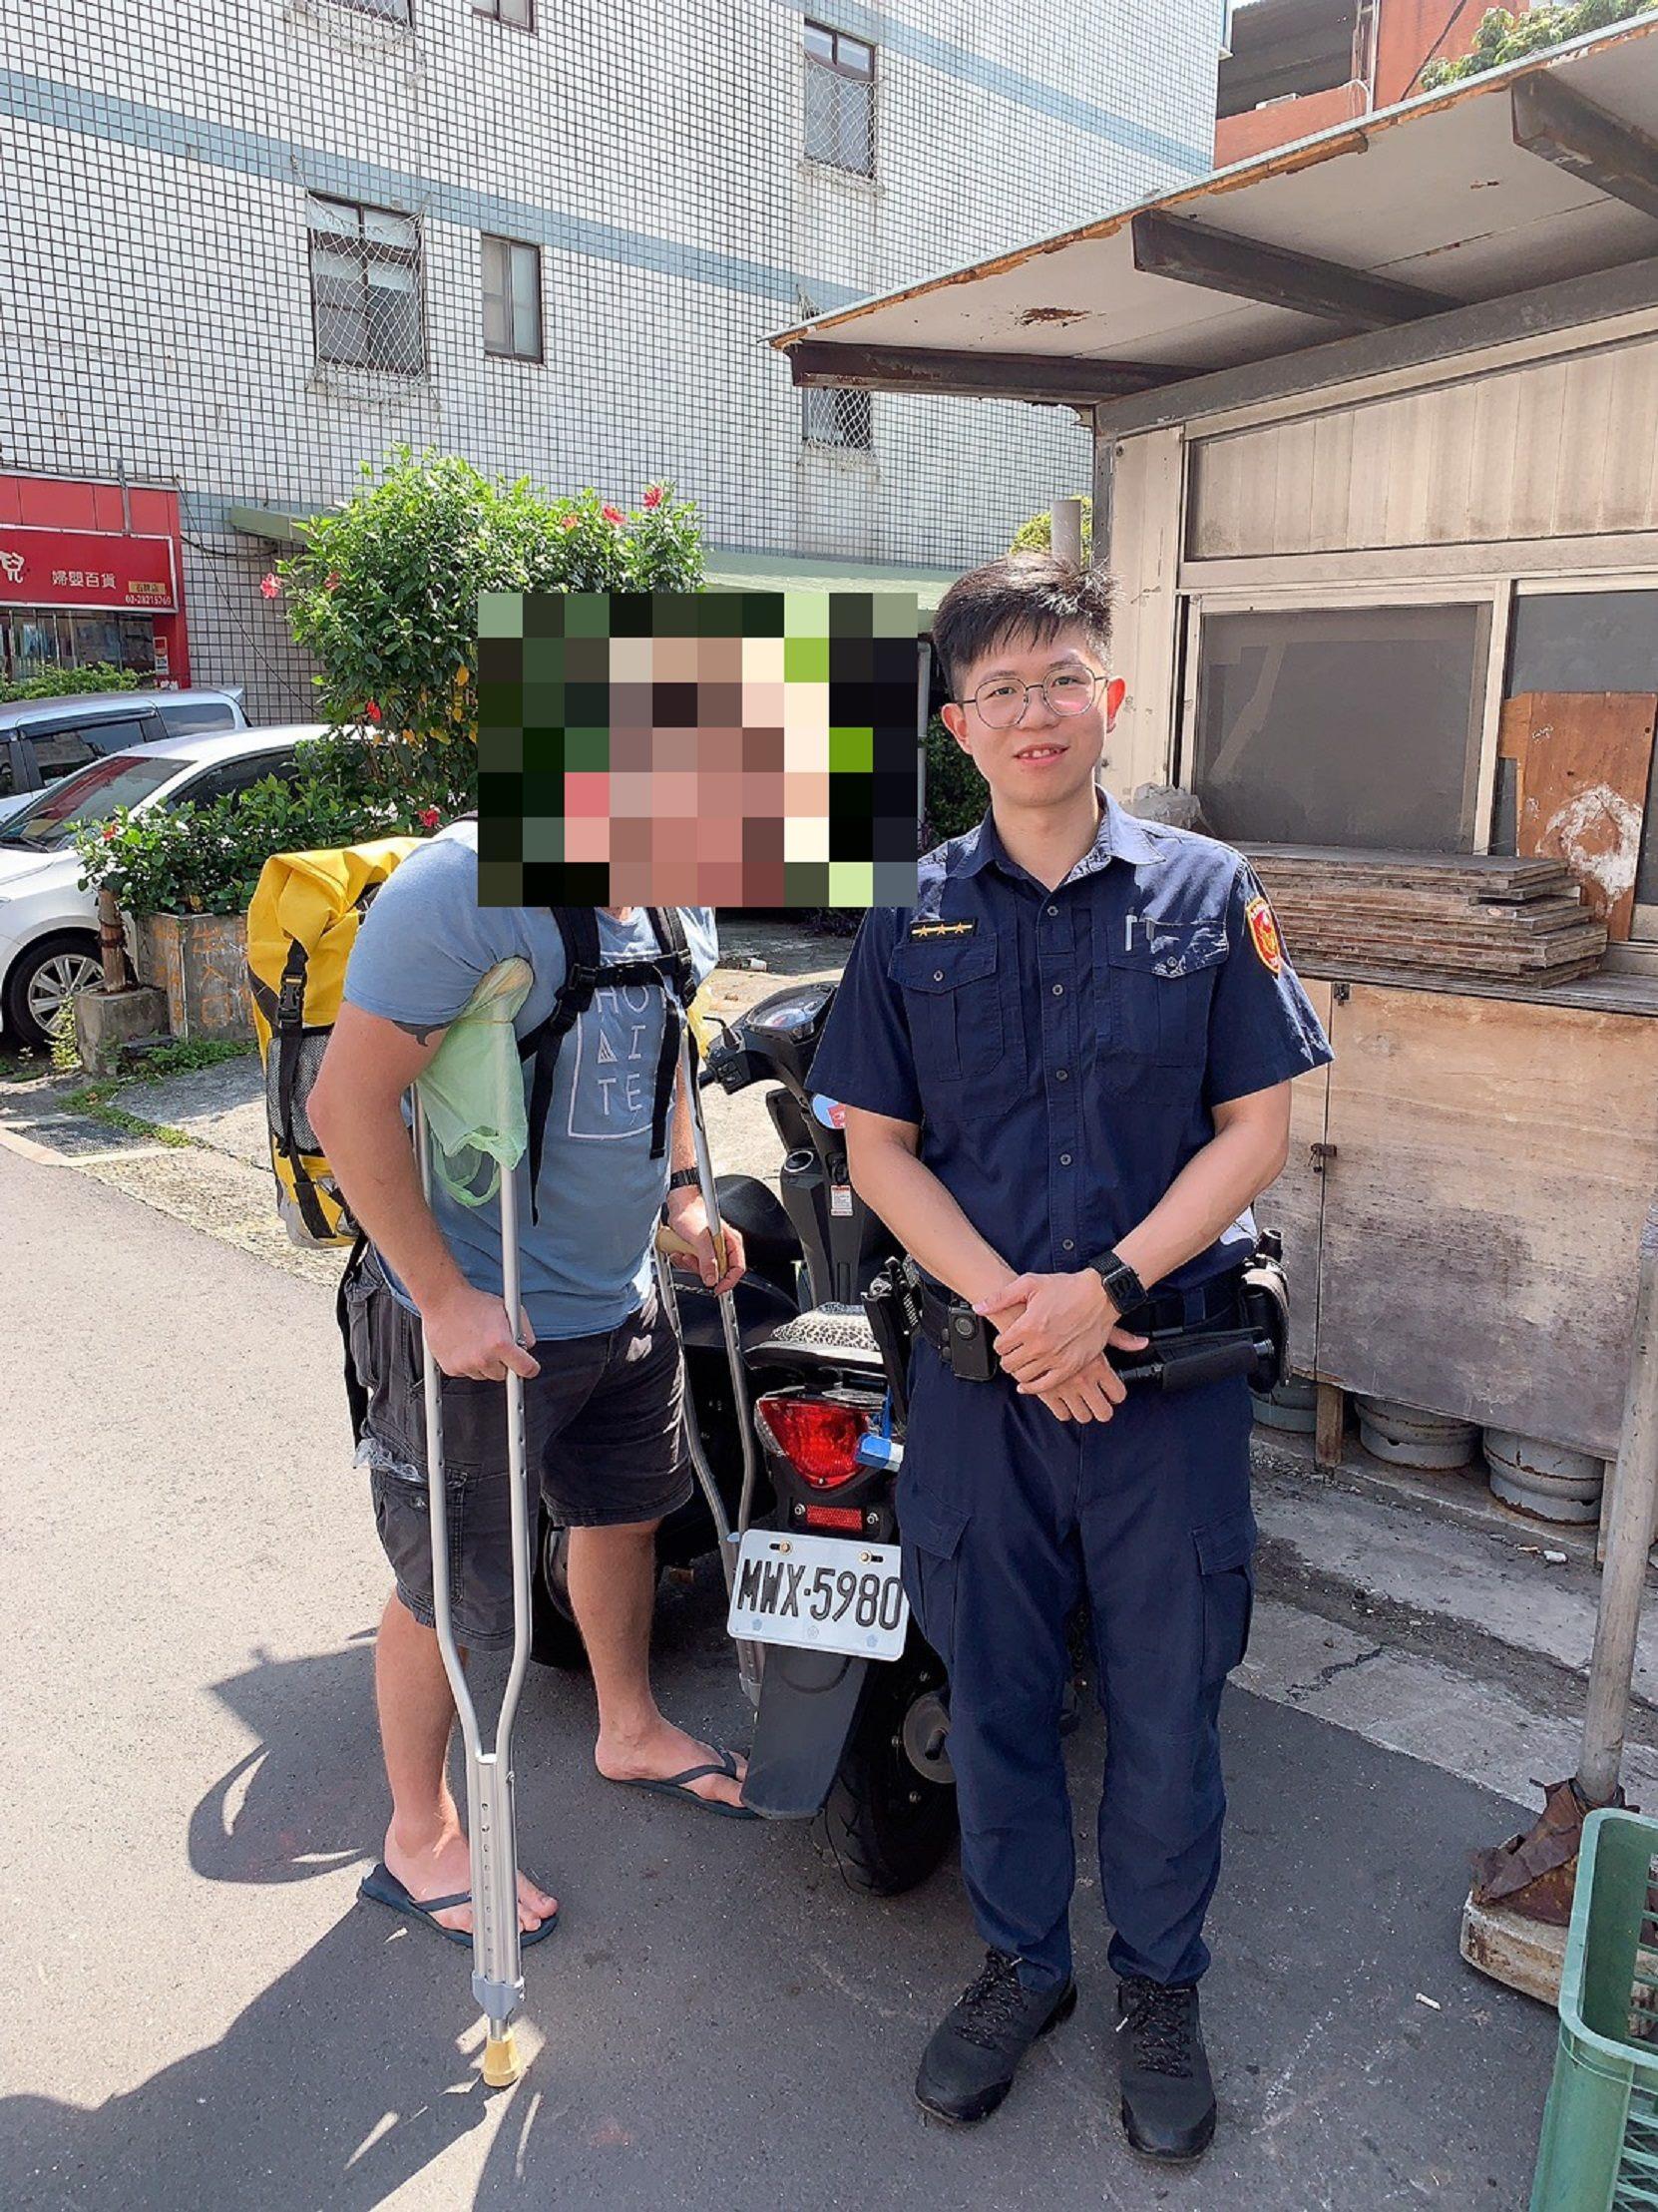 派出所員警協助外籍人士尋回遺失物